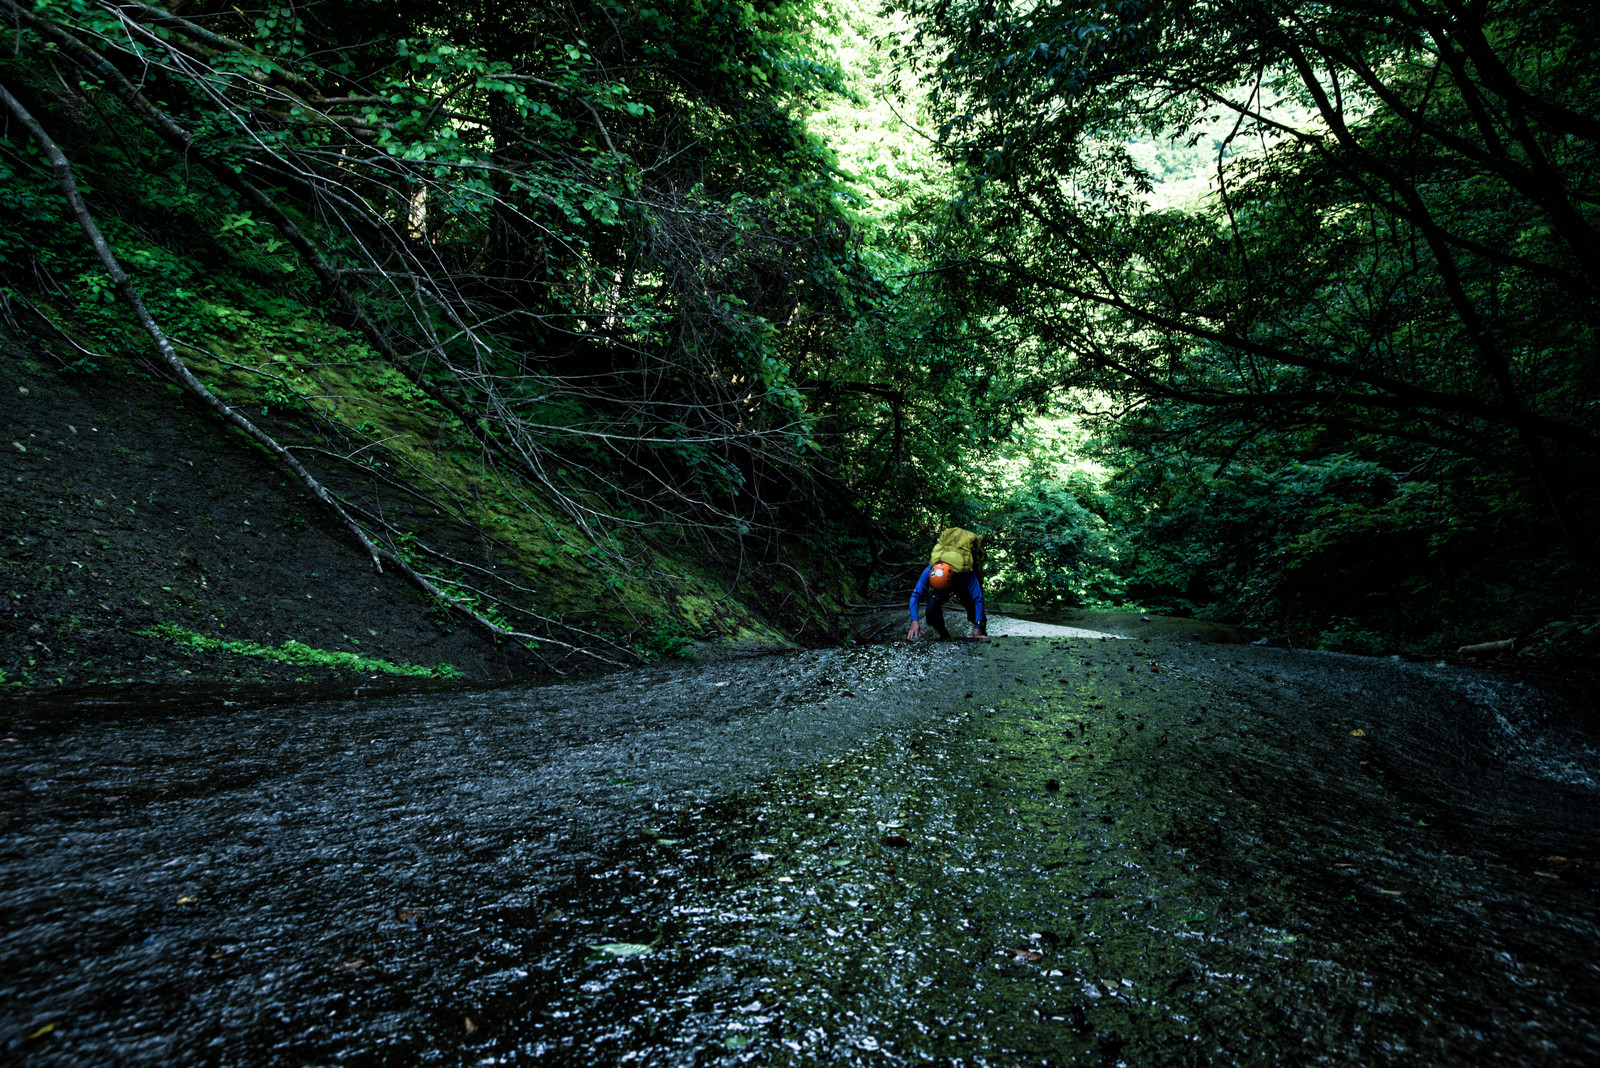 「沢登りに挑むクライマー(滑滝)」の写真